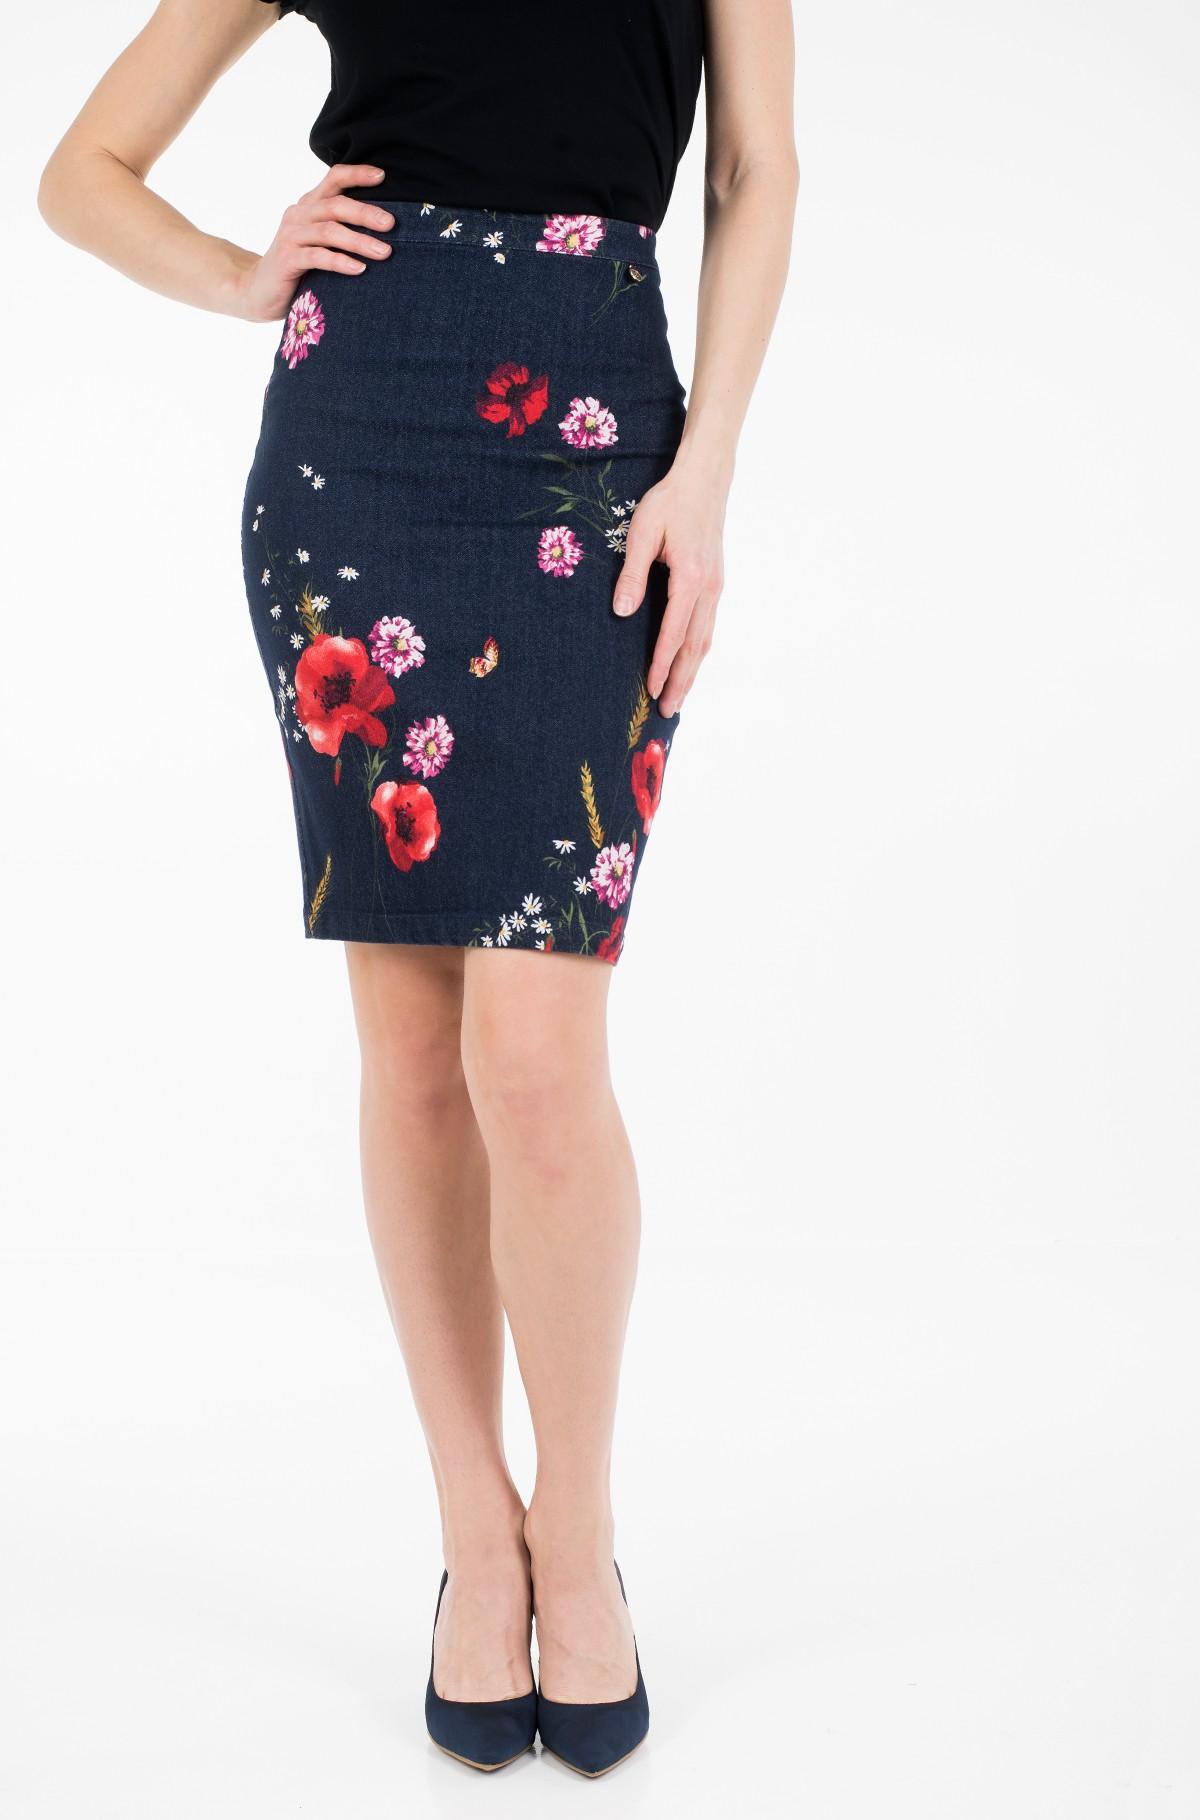 Skirt Age03-full-1